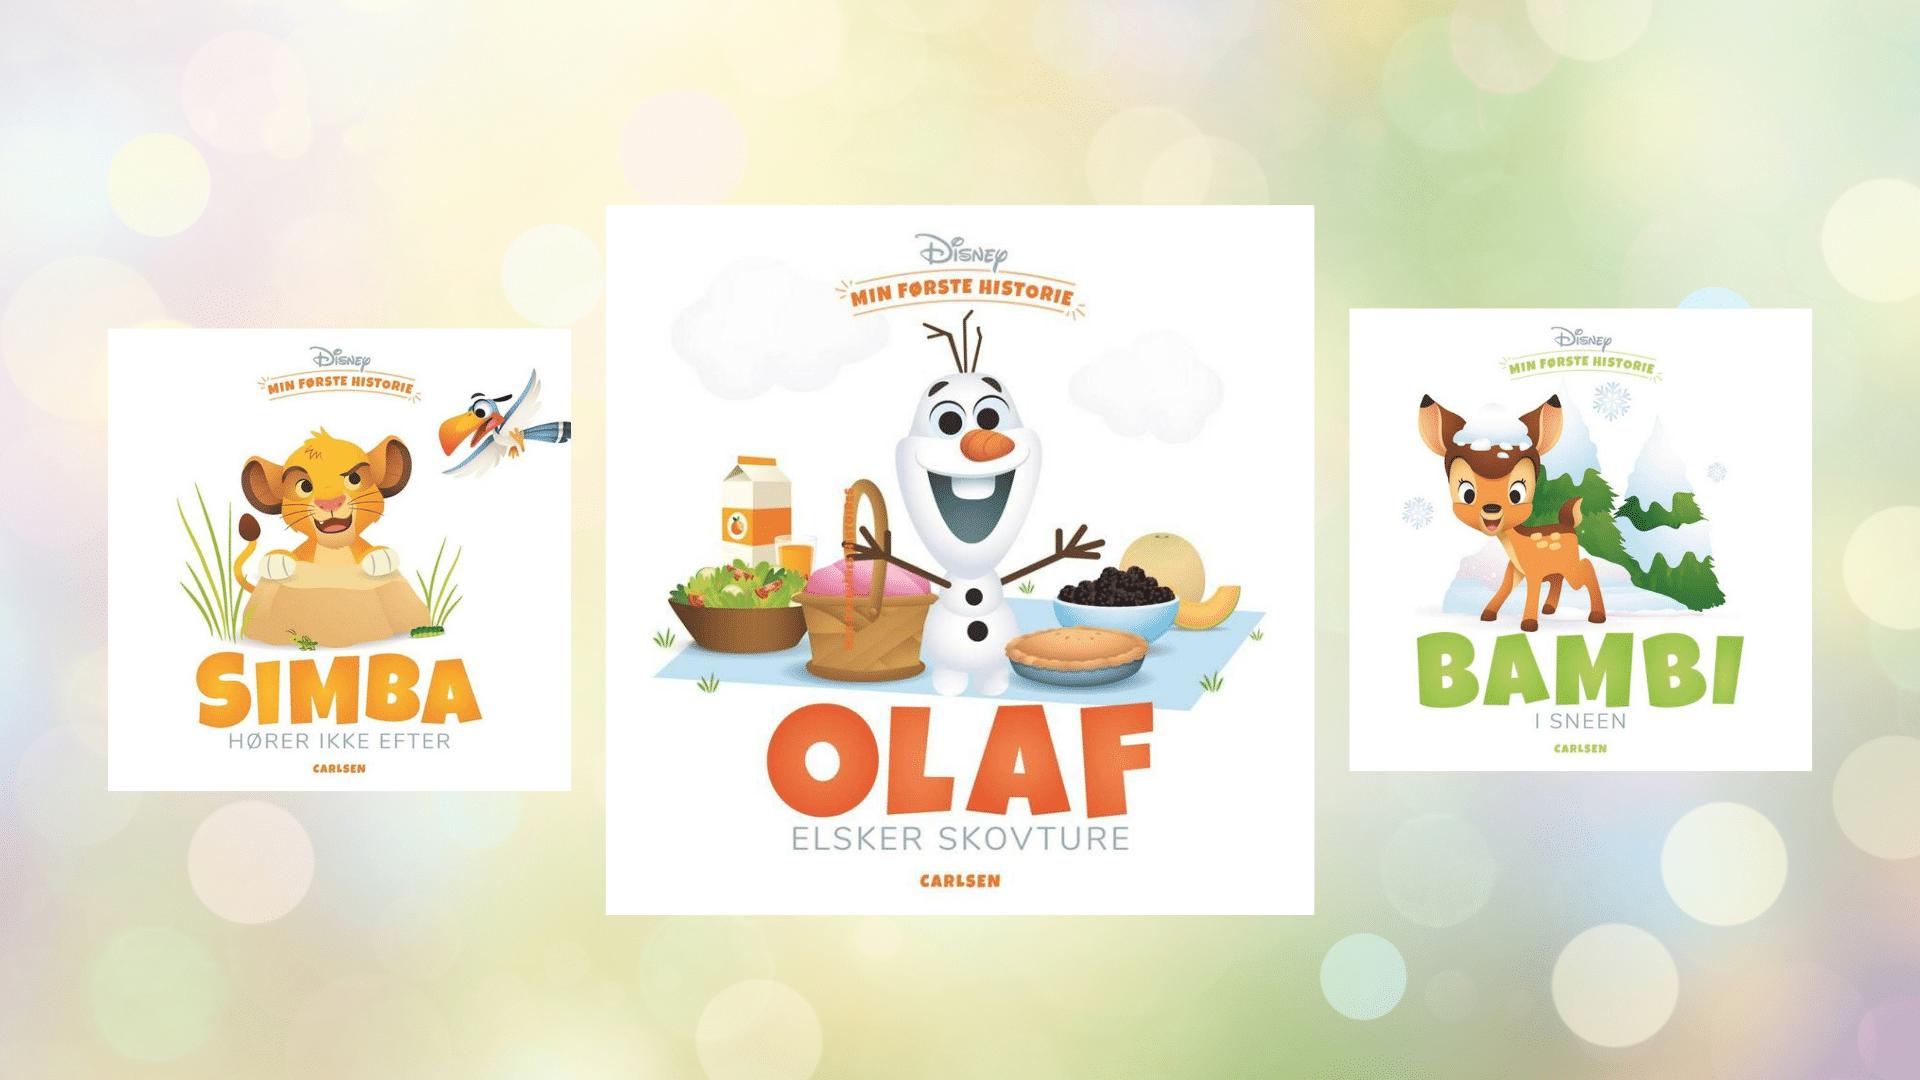 min første historie, Bambi, frost, olaf, simba, løvernes konge, bøger for de små, bøger for de mindste, bøger til baby, højtlæsning